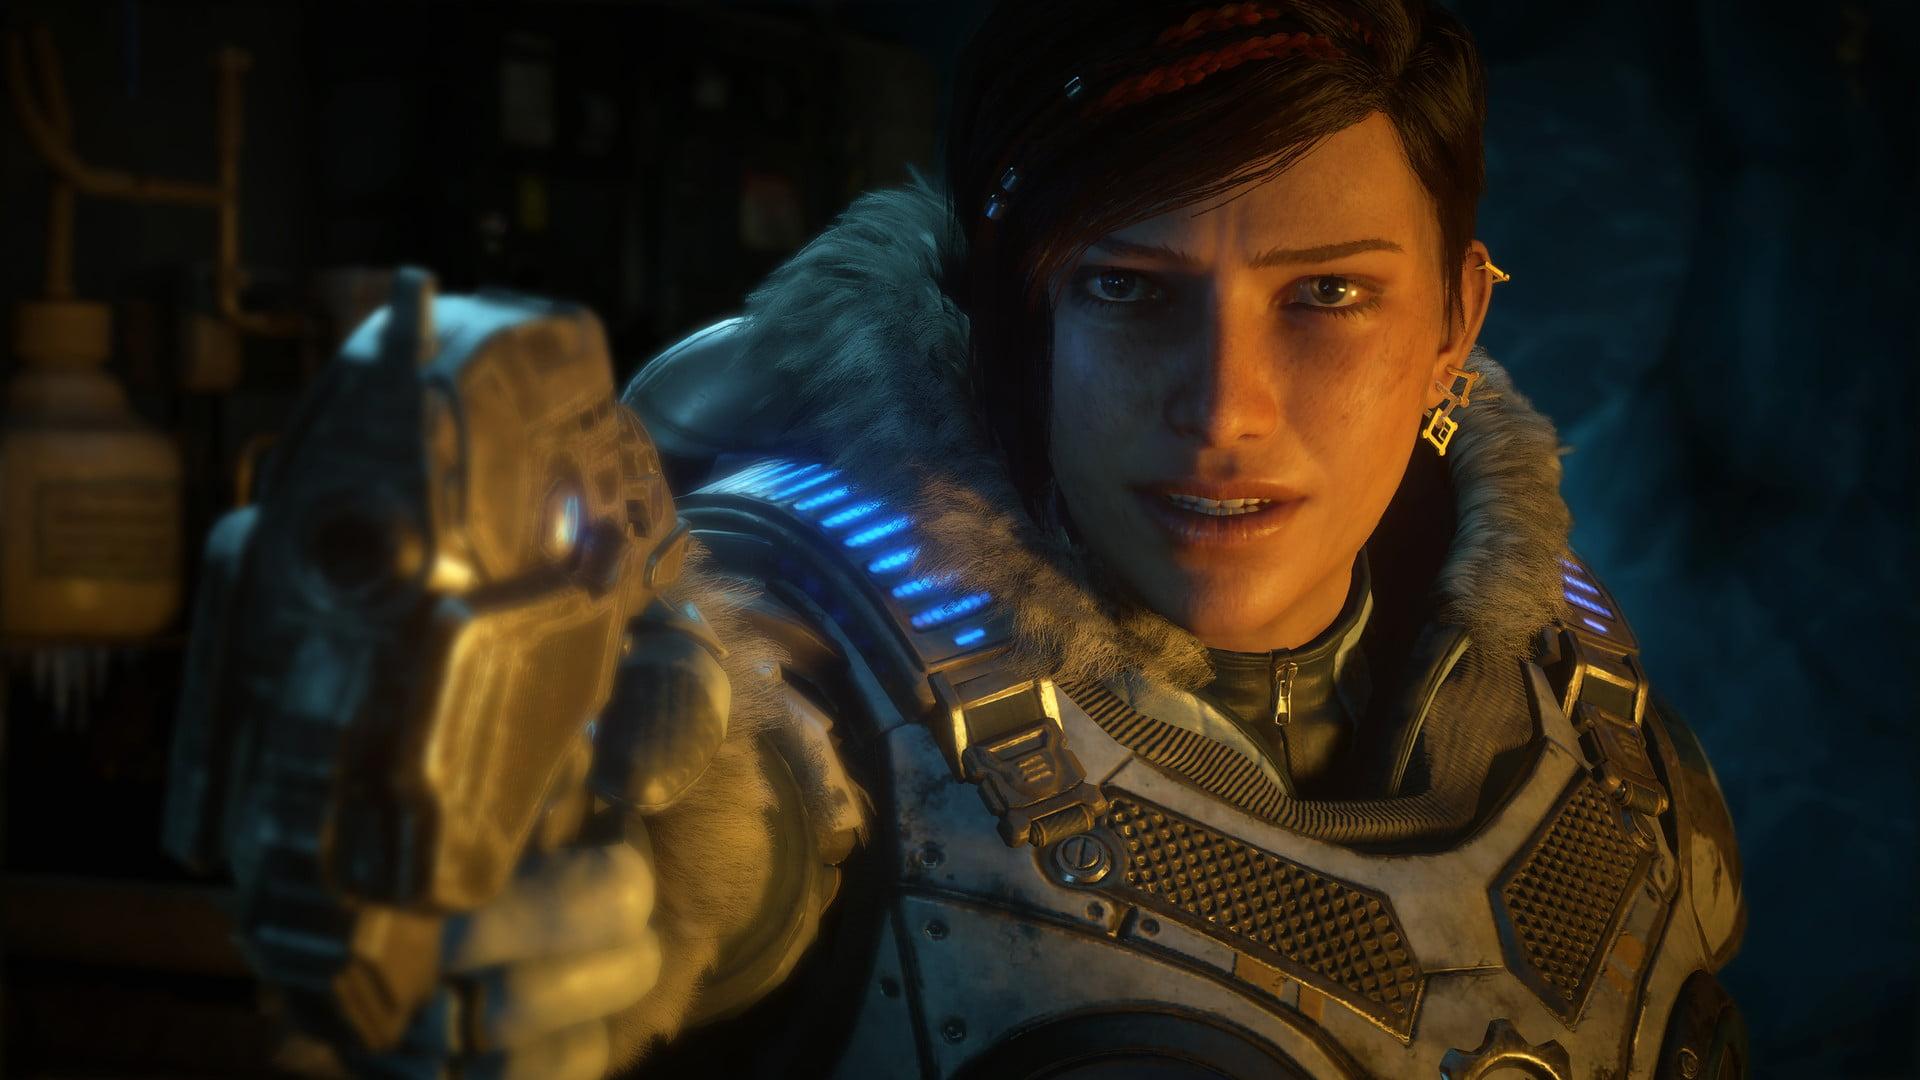 سختافزار مورد نیاز برای اجرای بازی Gears 5 مشخص شد